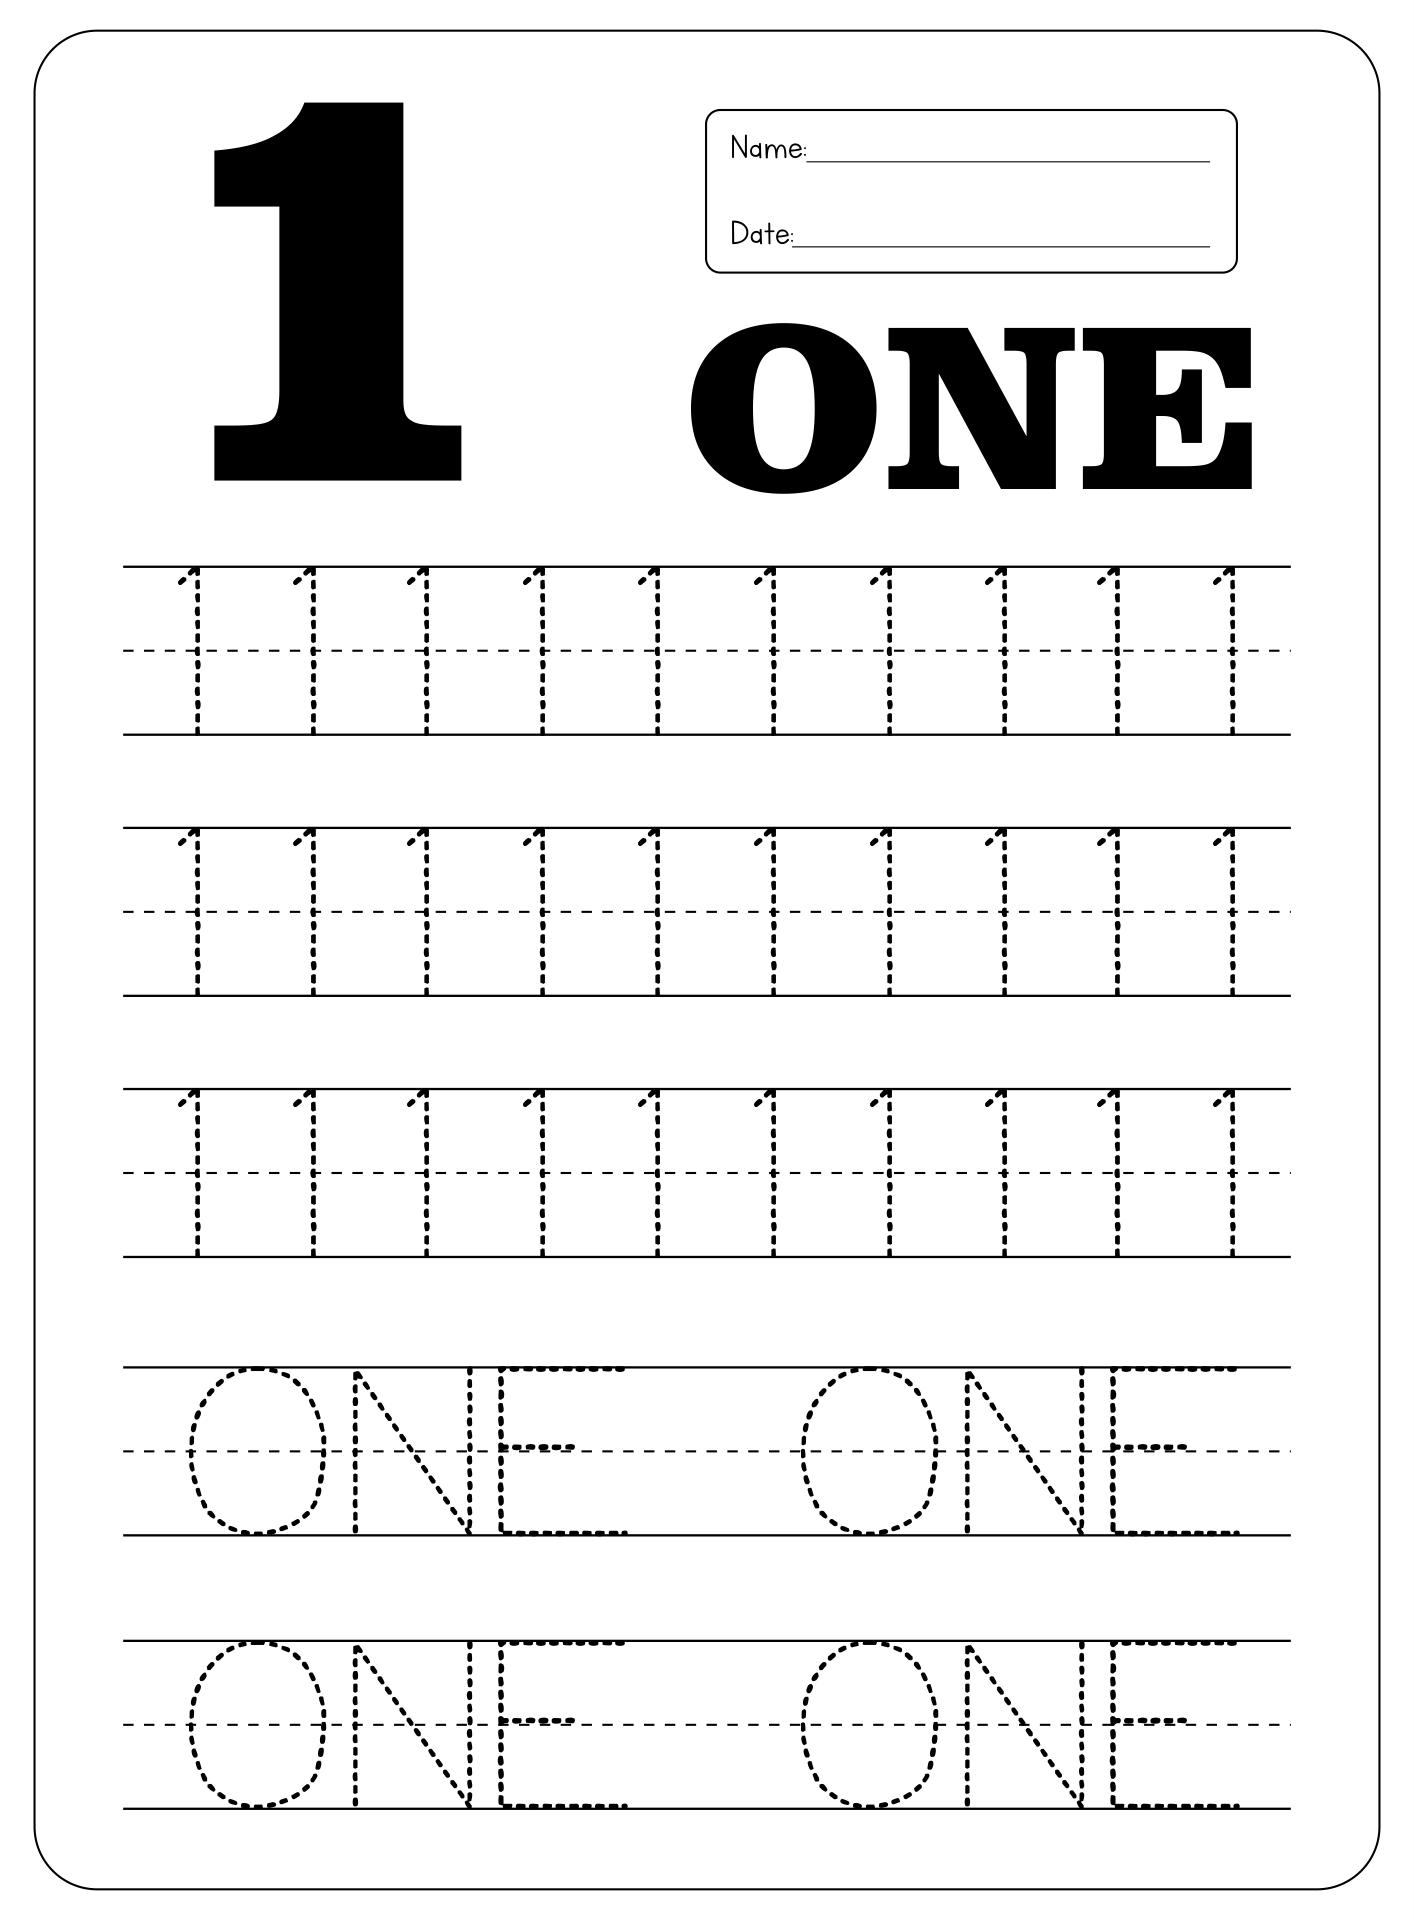 7 Best Images of Printable Number Worksheets - Printable ...